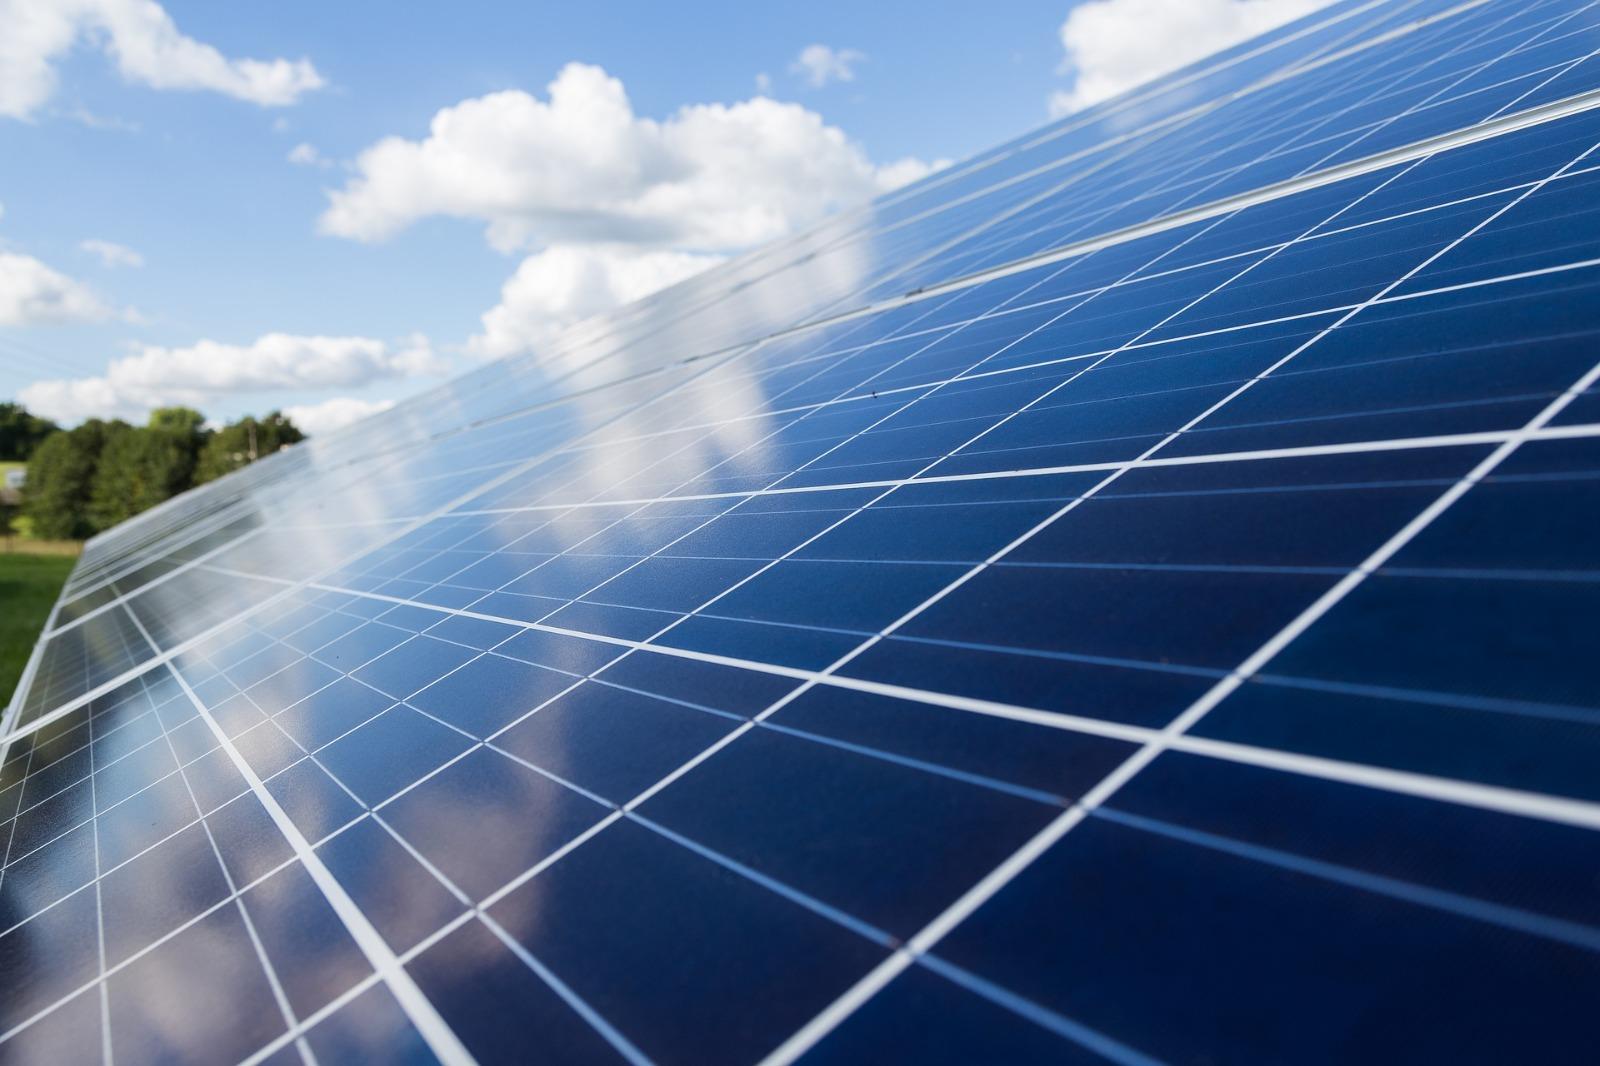 La Conselleria de Política Territorial informa favorablemente sobre la instalación de 5 nuevas plantas fotovoltaicas en la Comunitat Valenciana